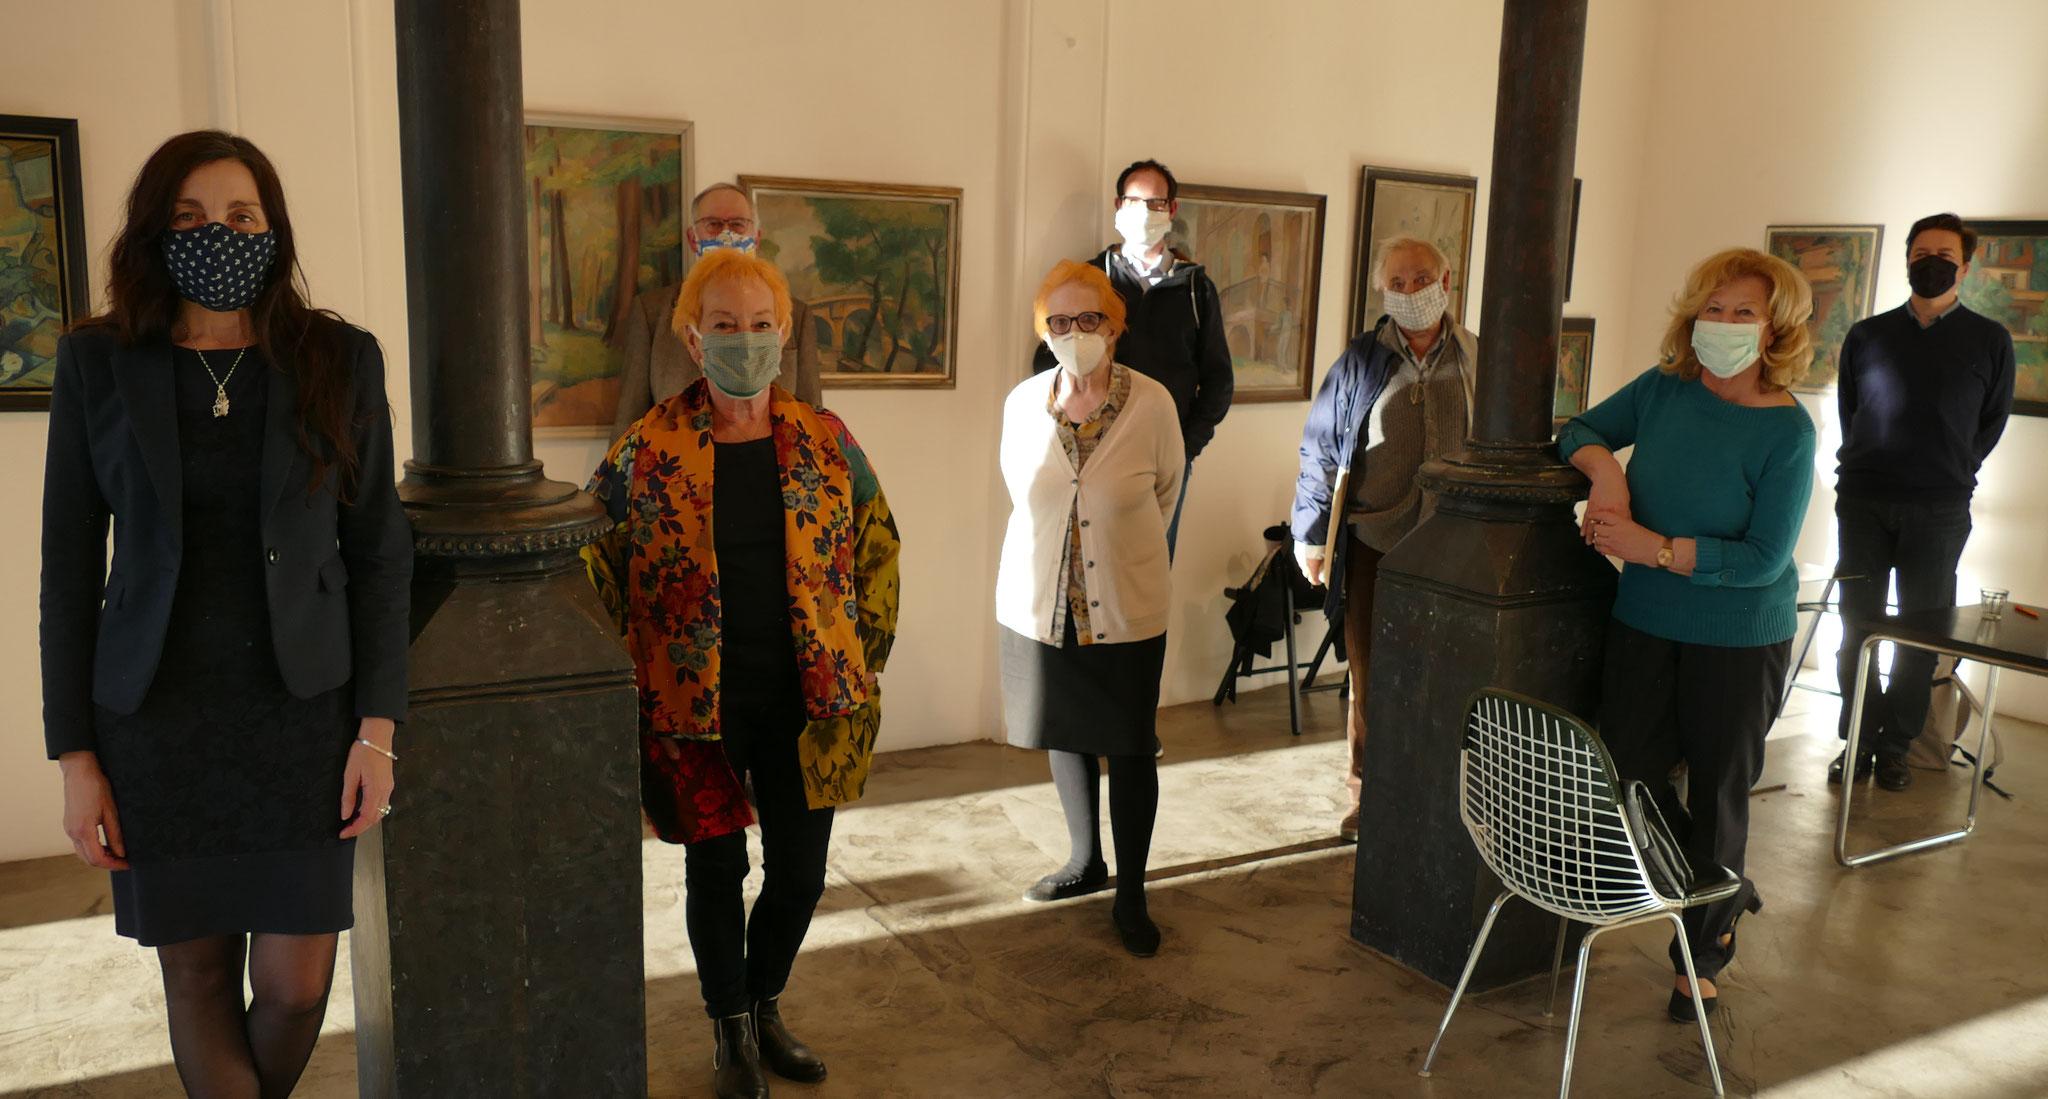 Vorstandssitzung des Kulturforums unter Coronabedingungen, 5. Mai 2020, Galerie Renate Kammer